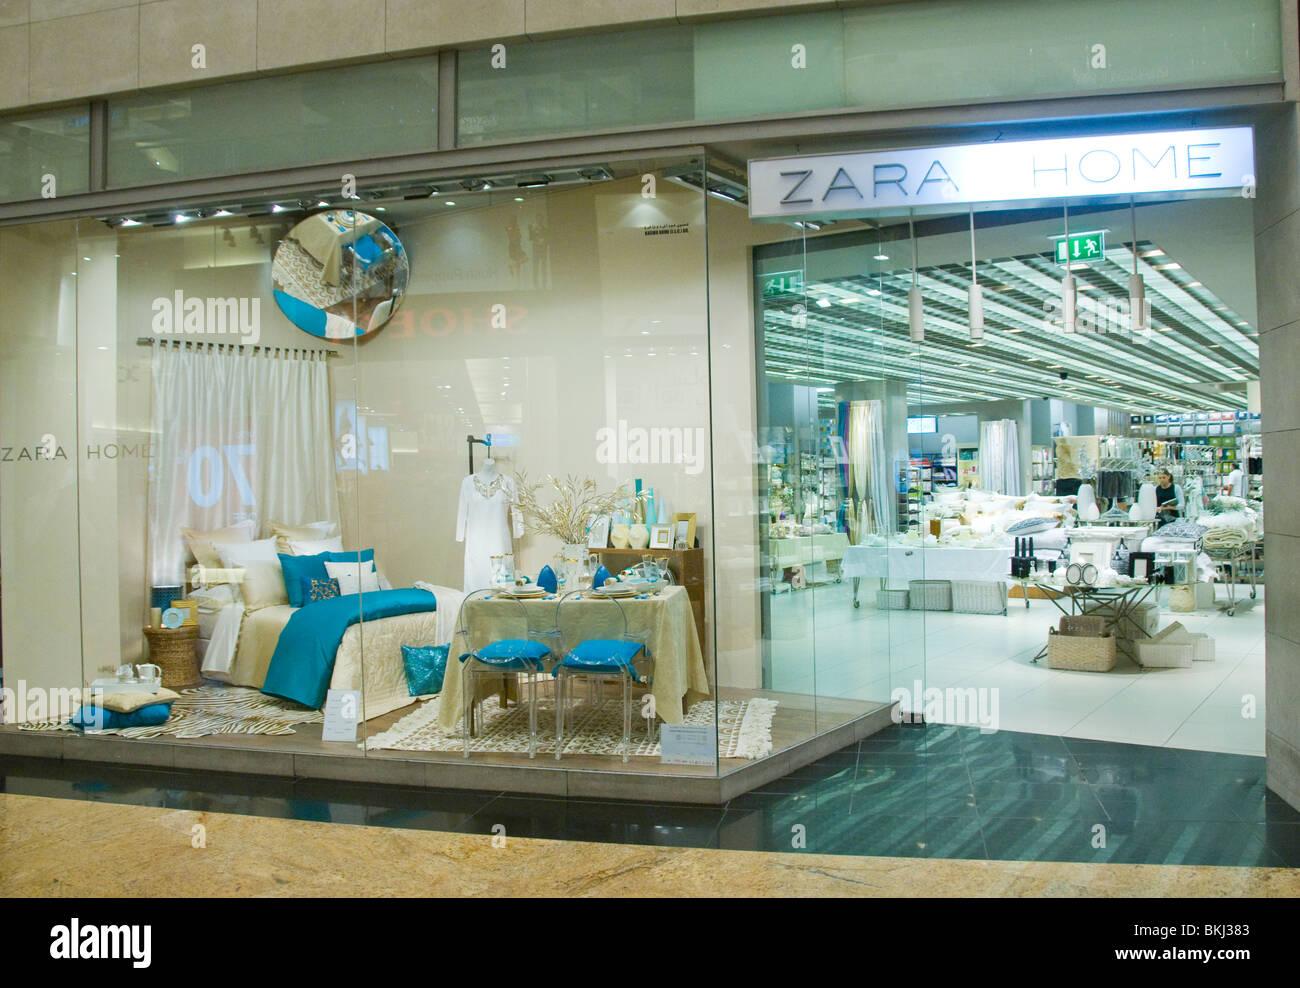 Zara home stock photo royalty free image 29286547 alamy - Zara malaga centro ...